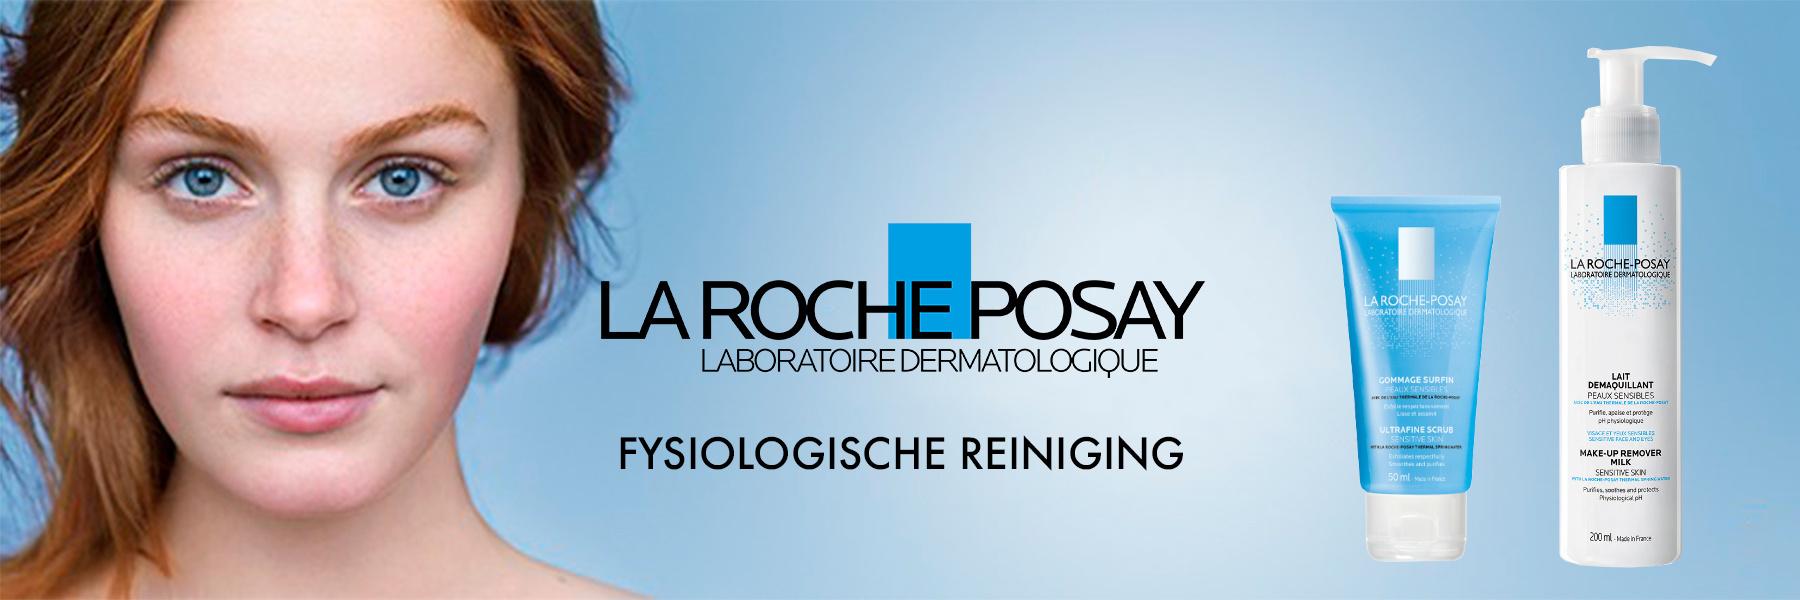 La Roche Posay Fysiologische Reiniging